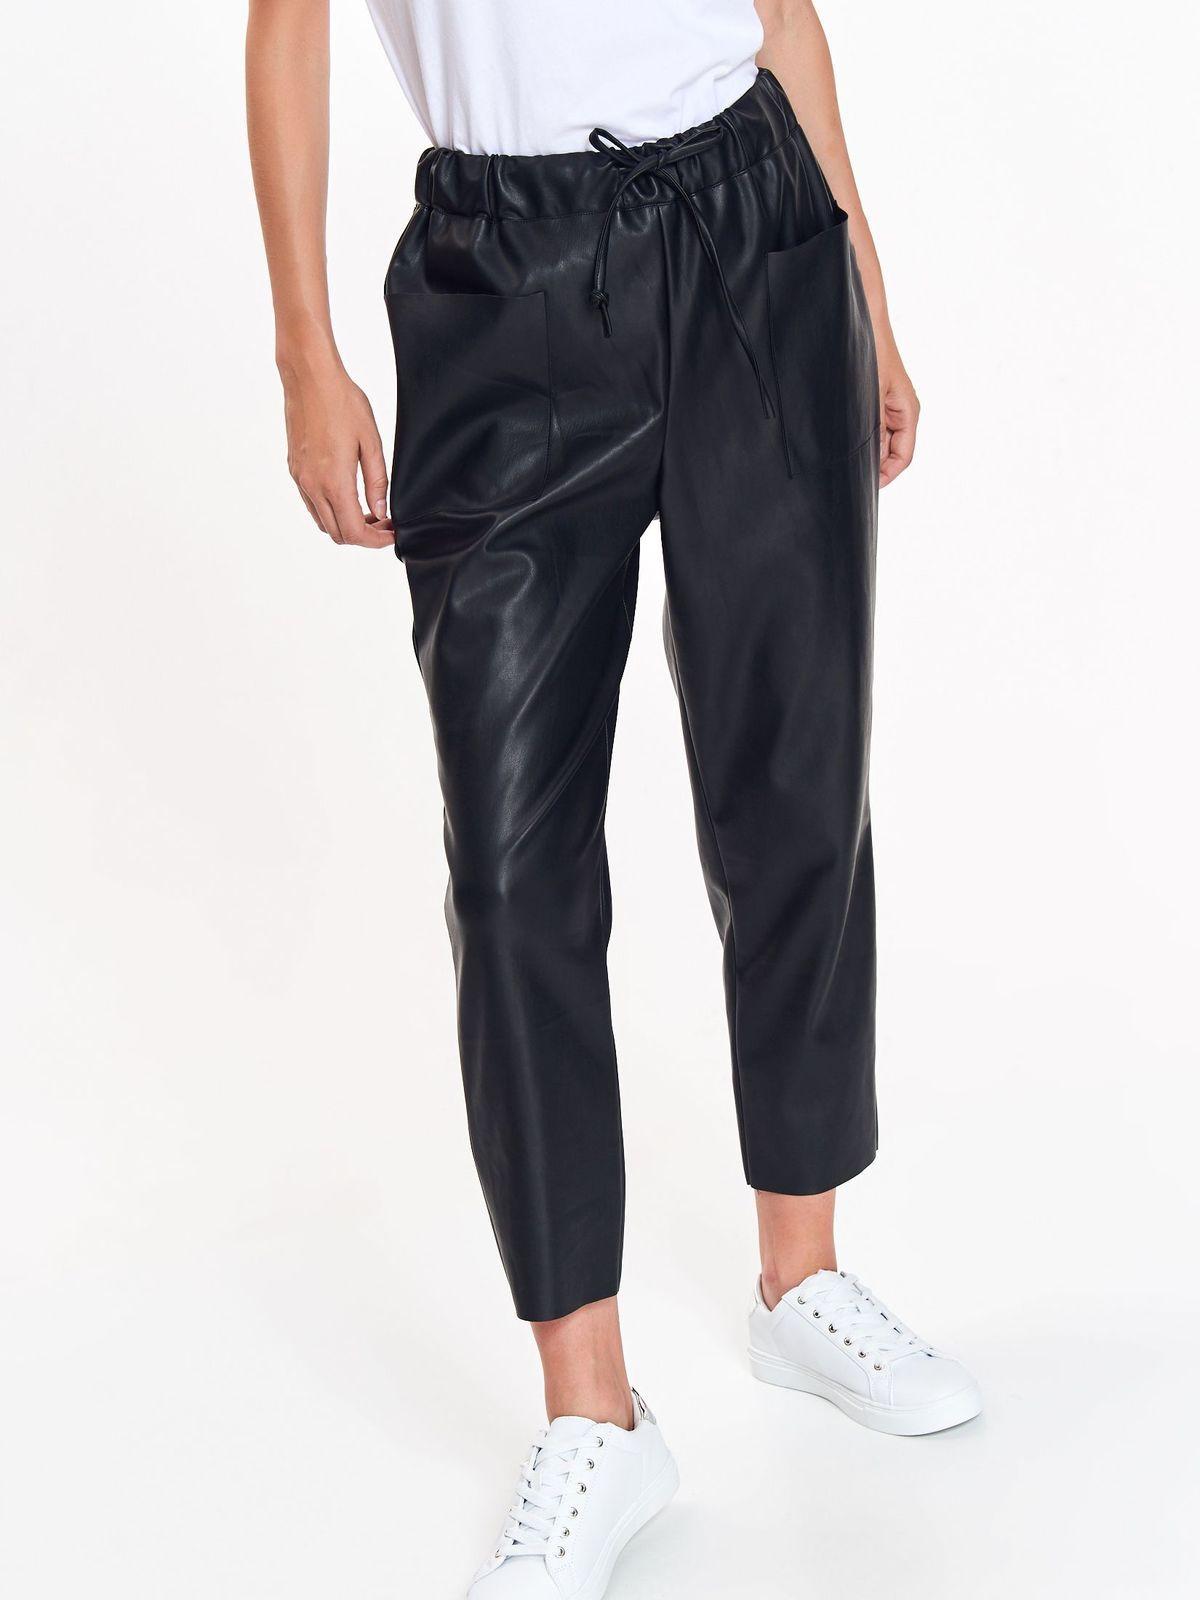 718f21b13a8ad1 Spodnie damskie czarne - SSP3052 spodnie długie - TOP SECRET - Odzieżowy  sklep internetowy TOP SECRET